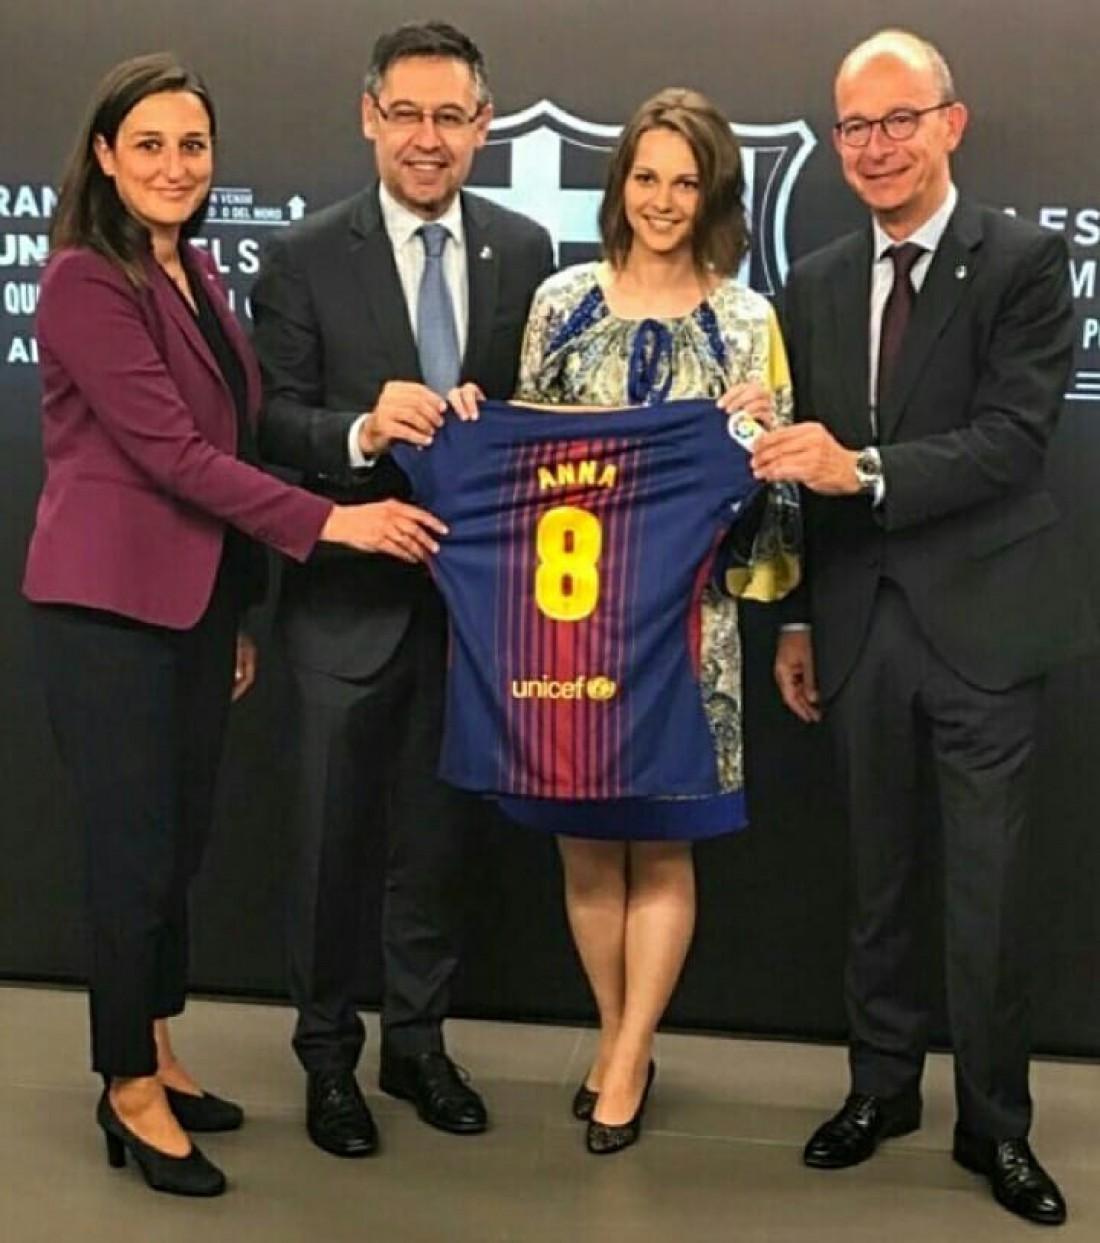 Анна Музычук получила в подарок футболку Барселоны